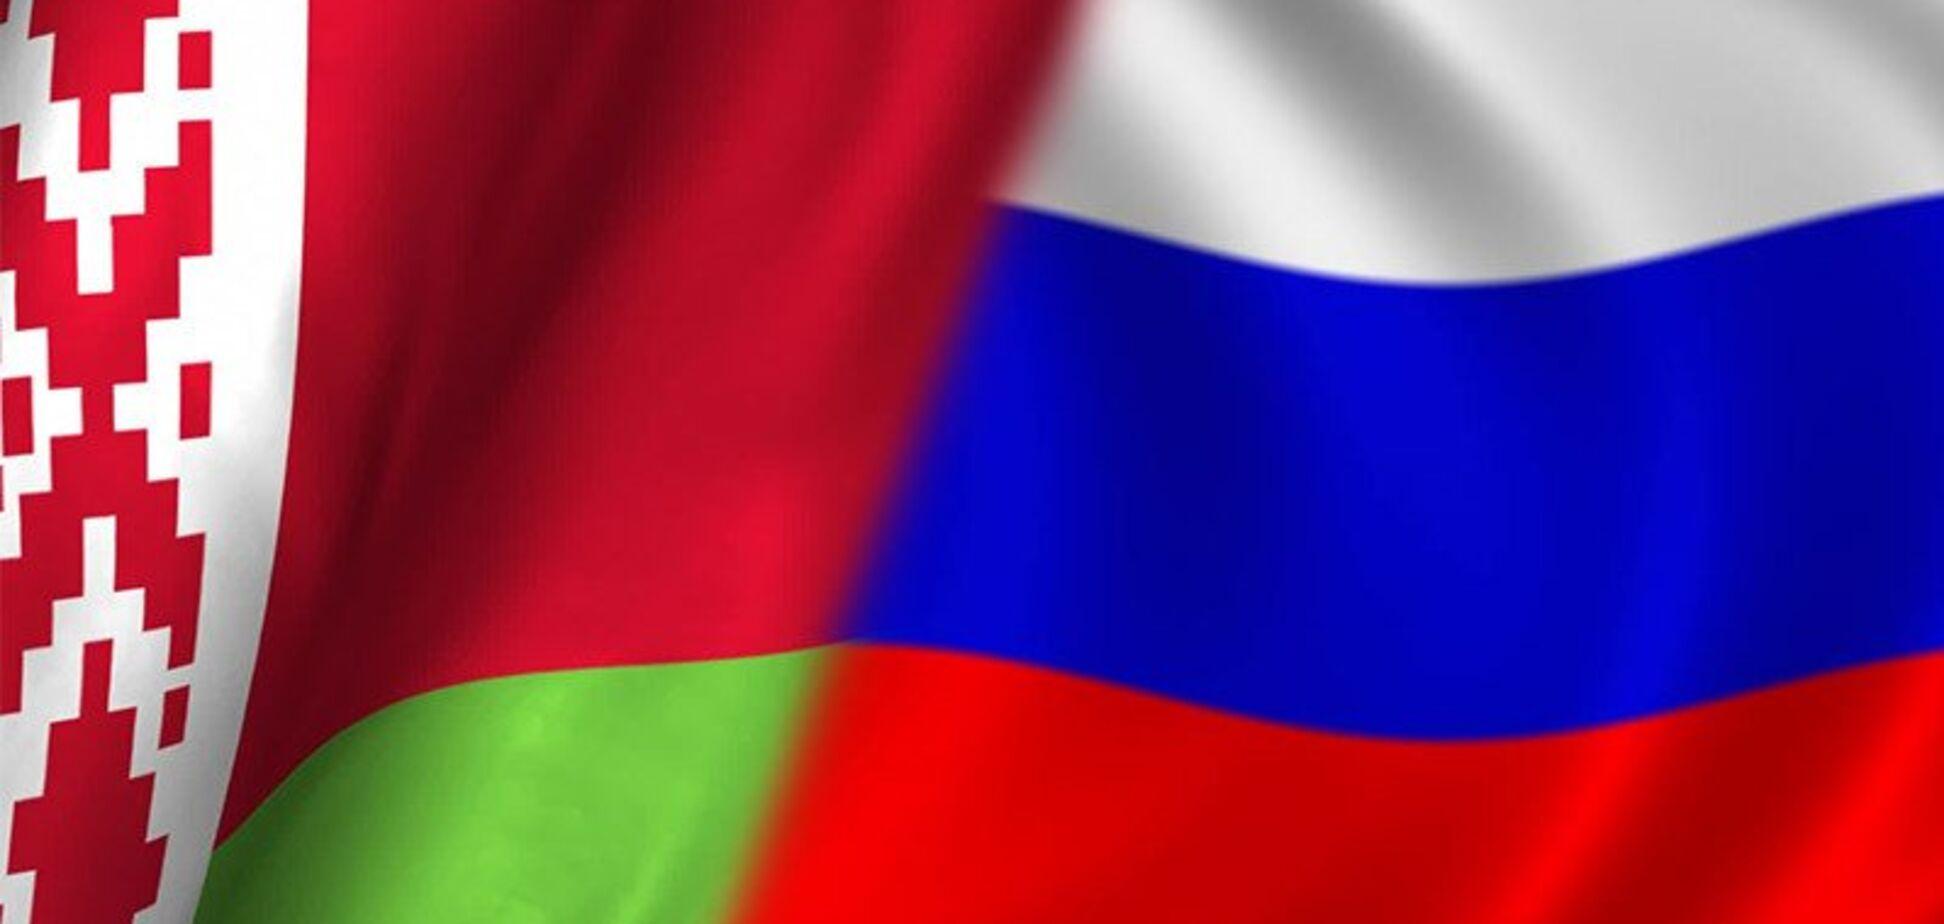 Война по крымскому сценарию: в НАТО предупредили Беларусь об угрозе